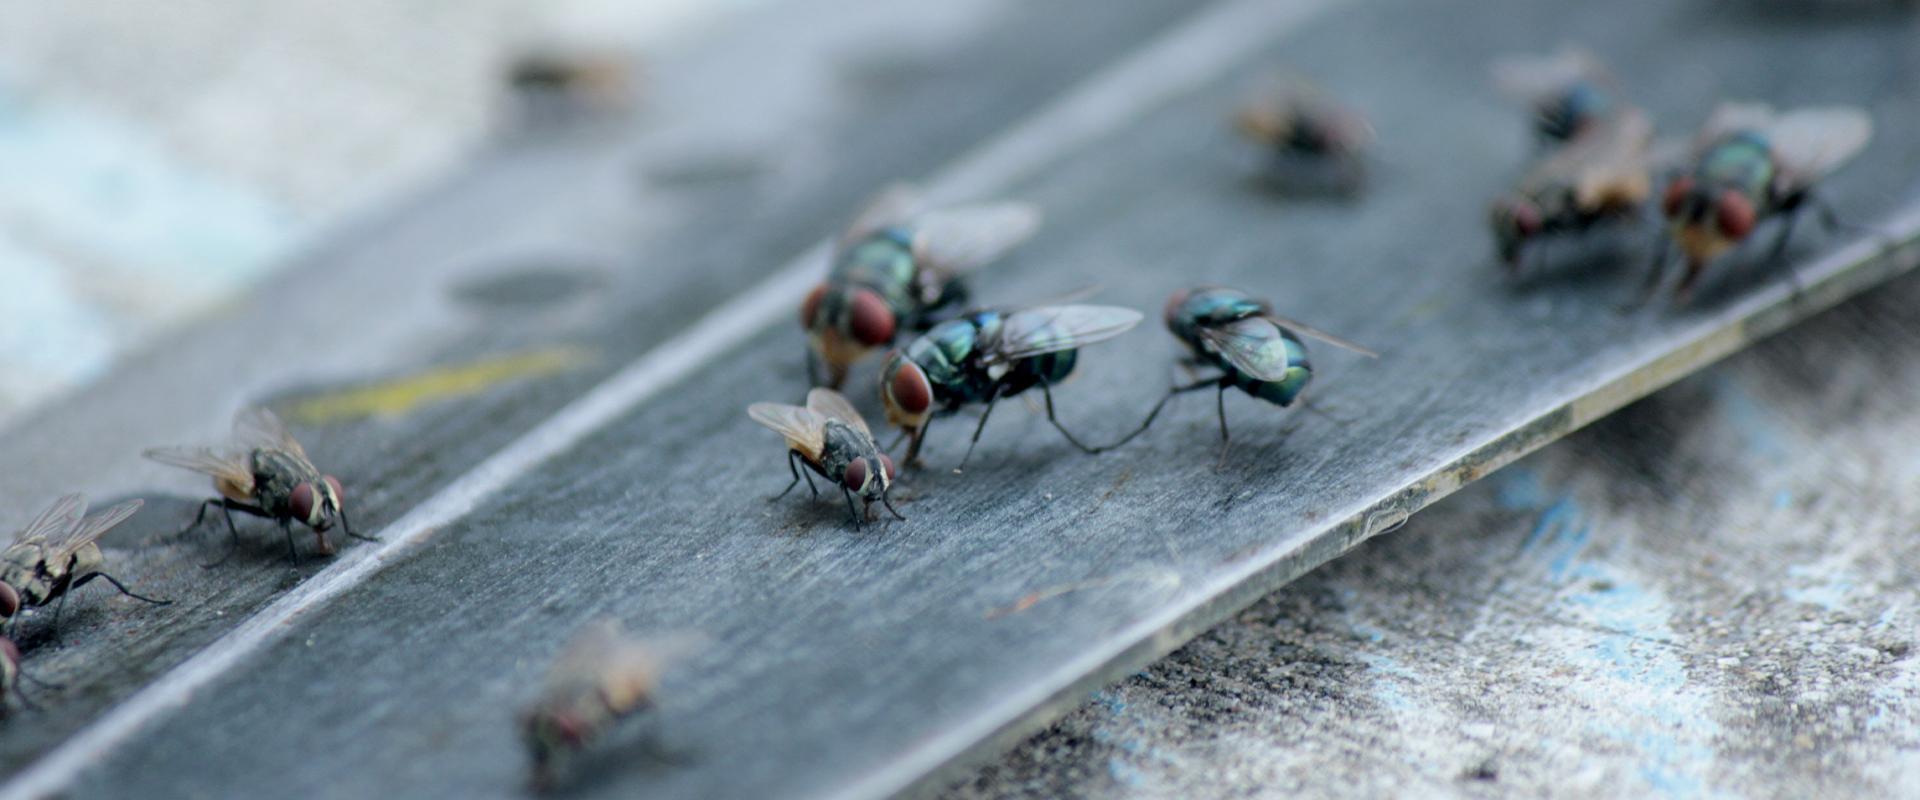 flies on metal